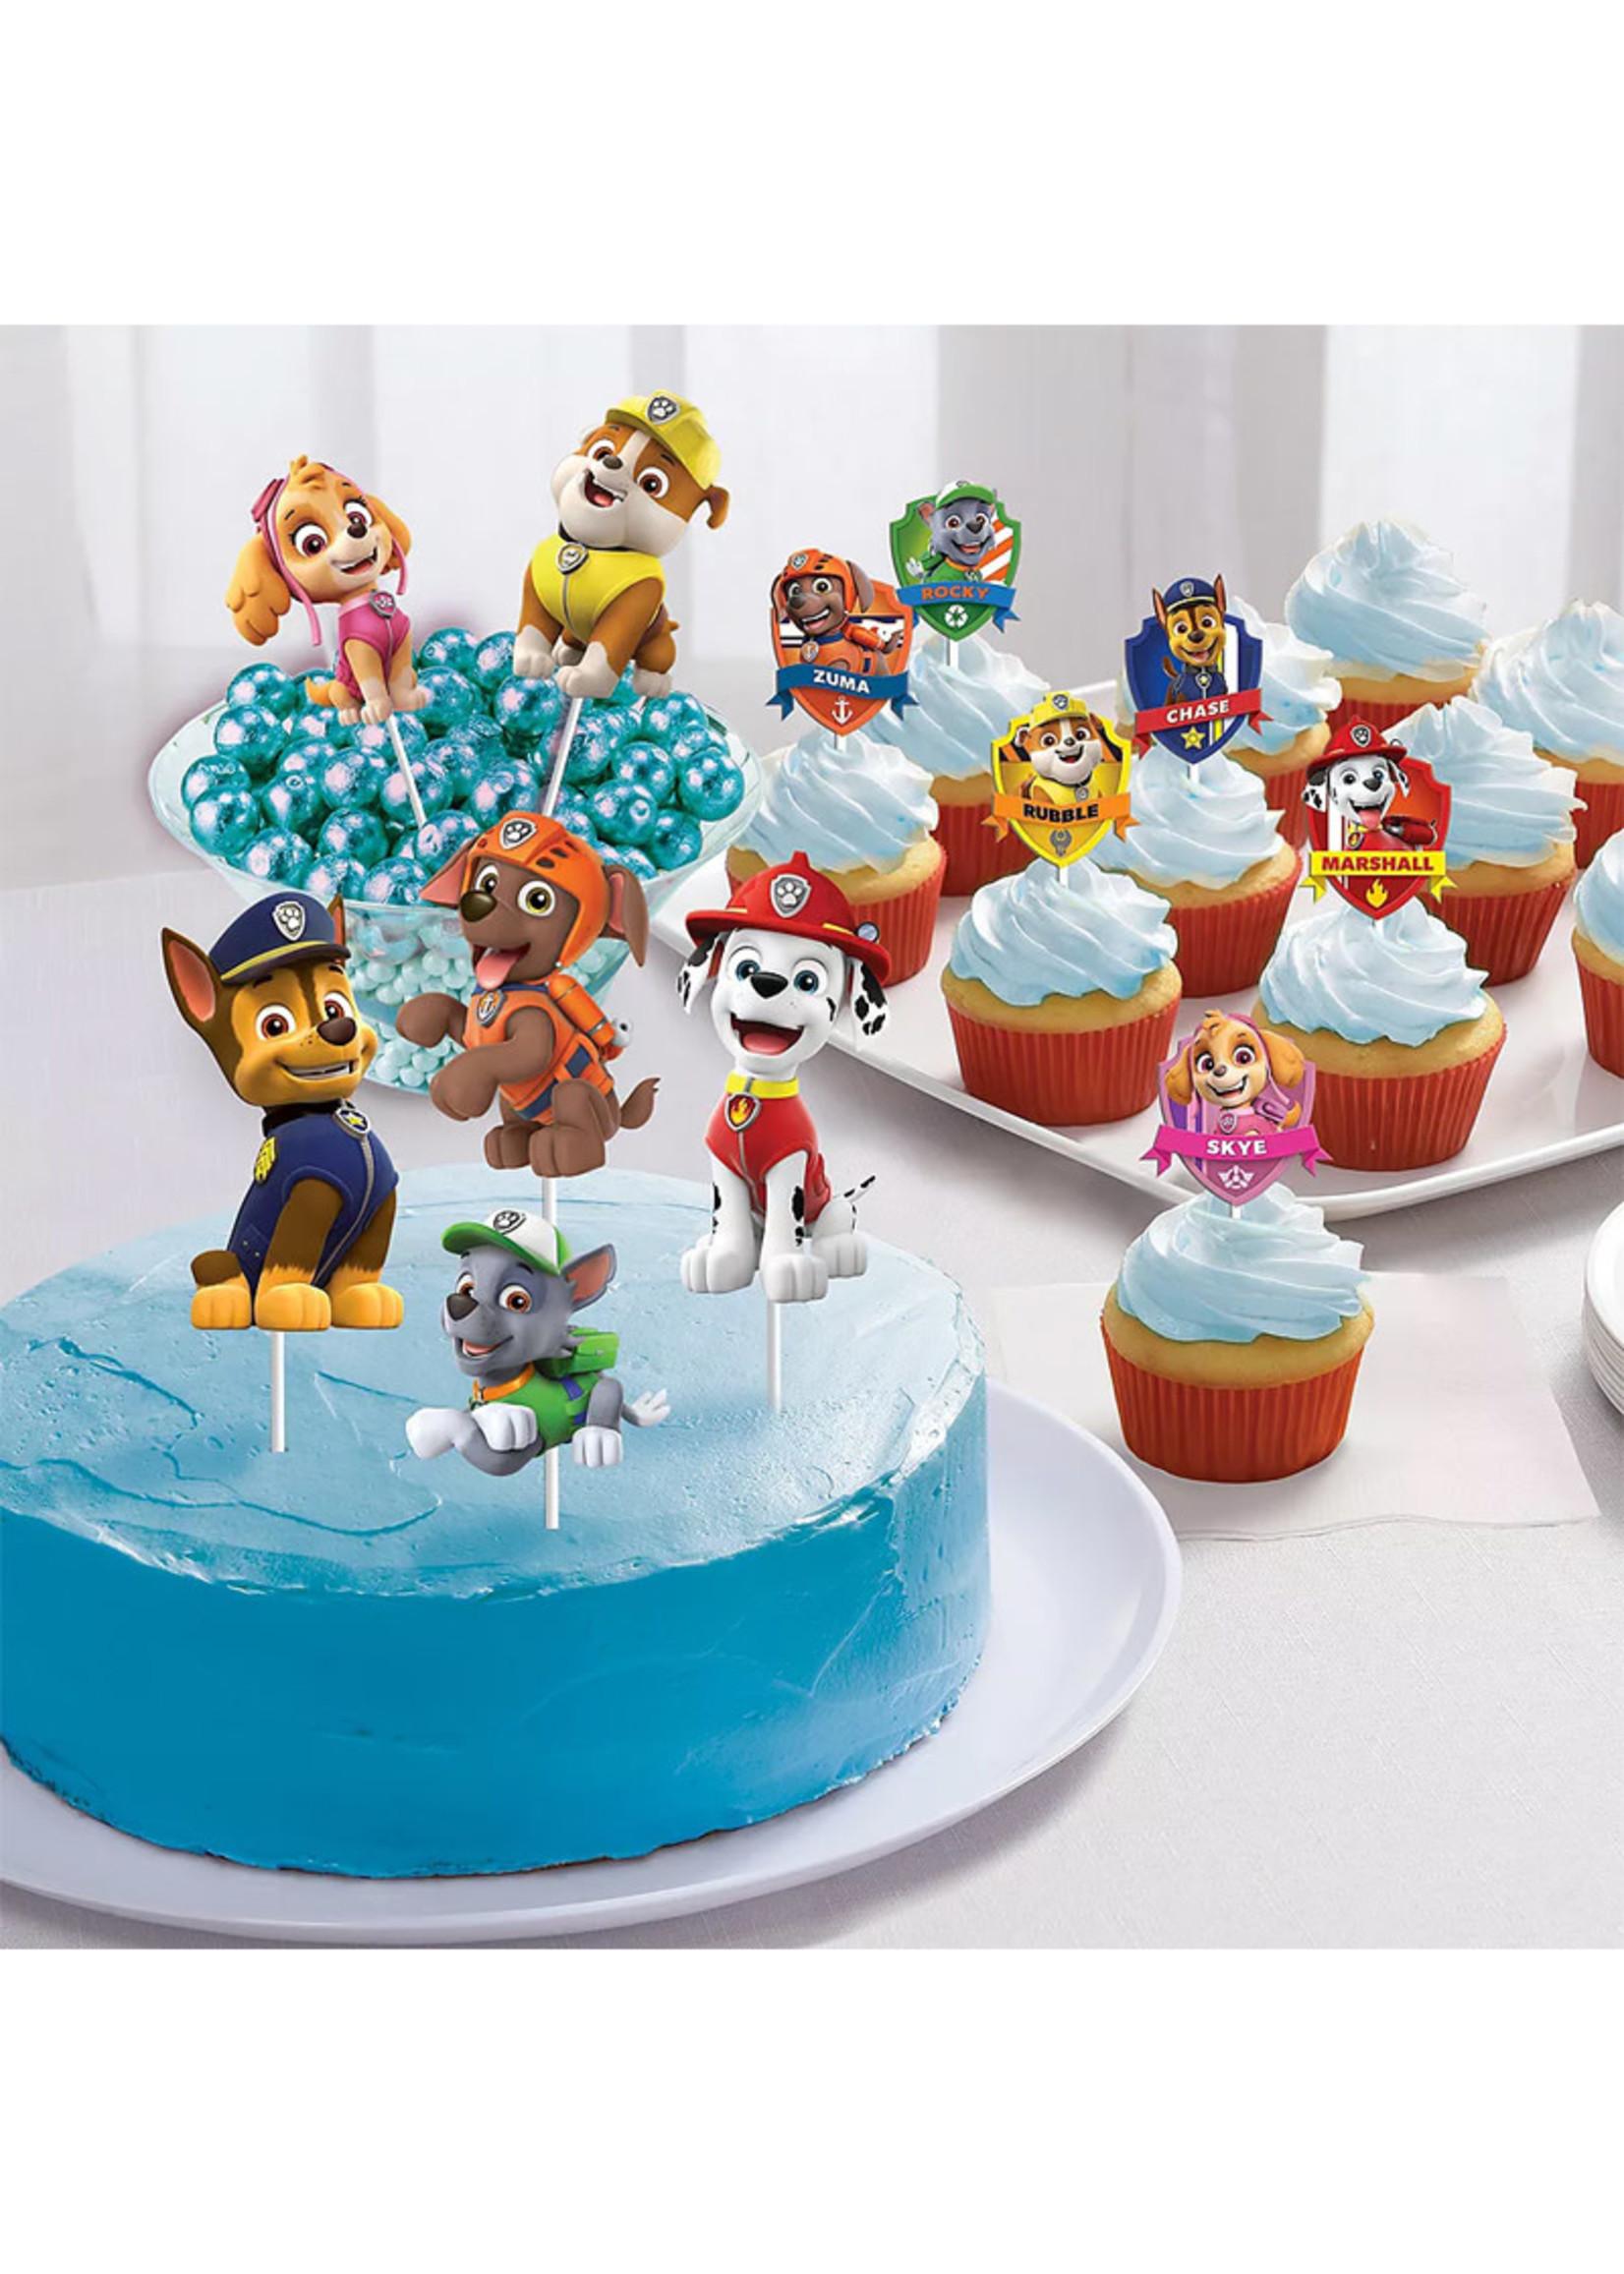 PAW Patrol Adventure Cupcake Picks 6ct